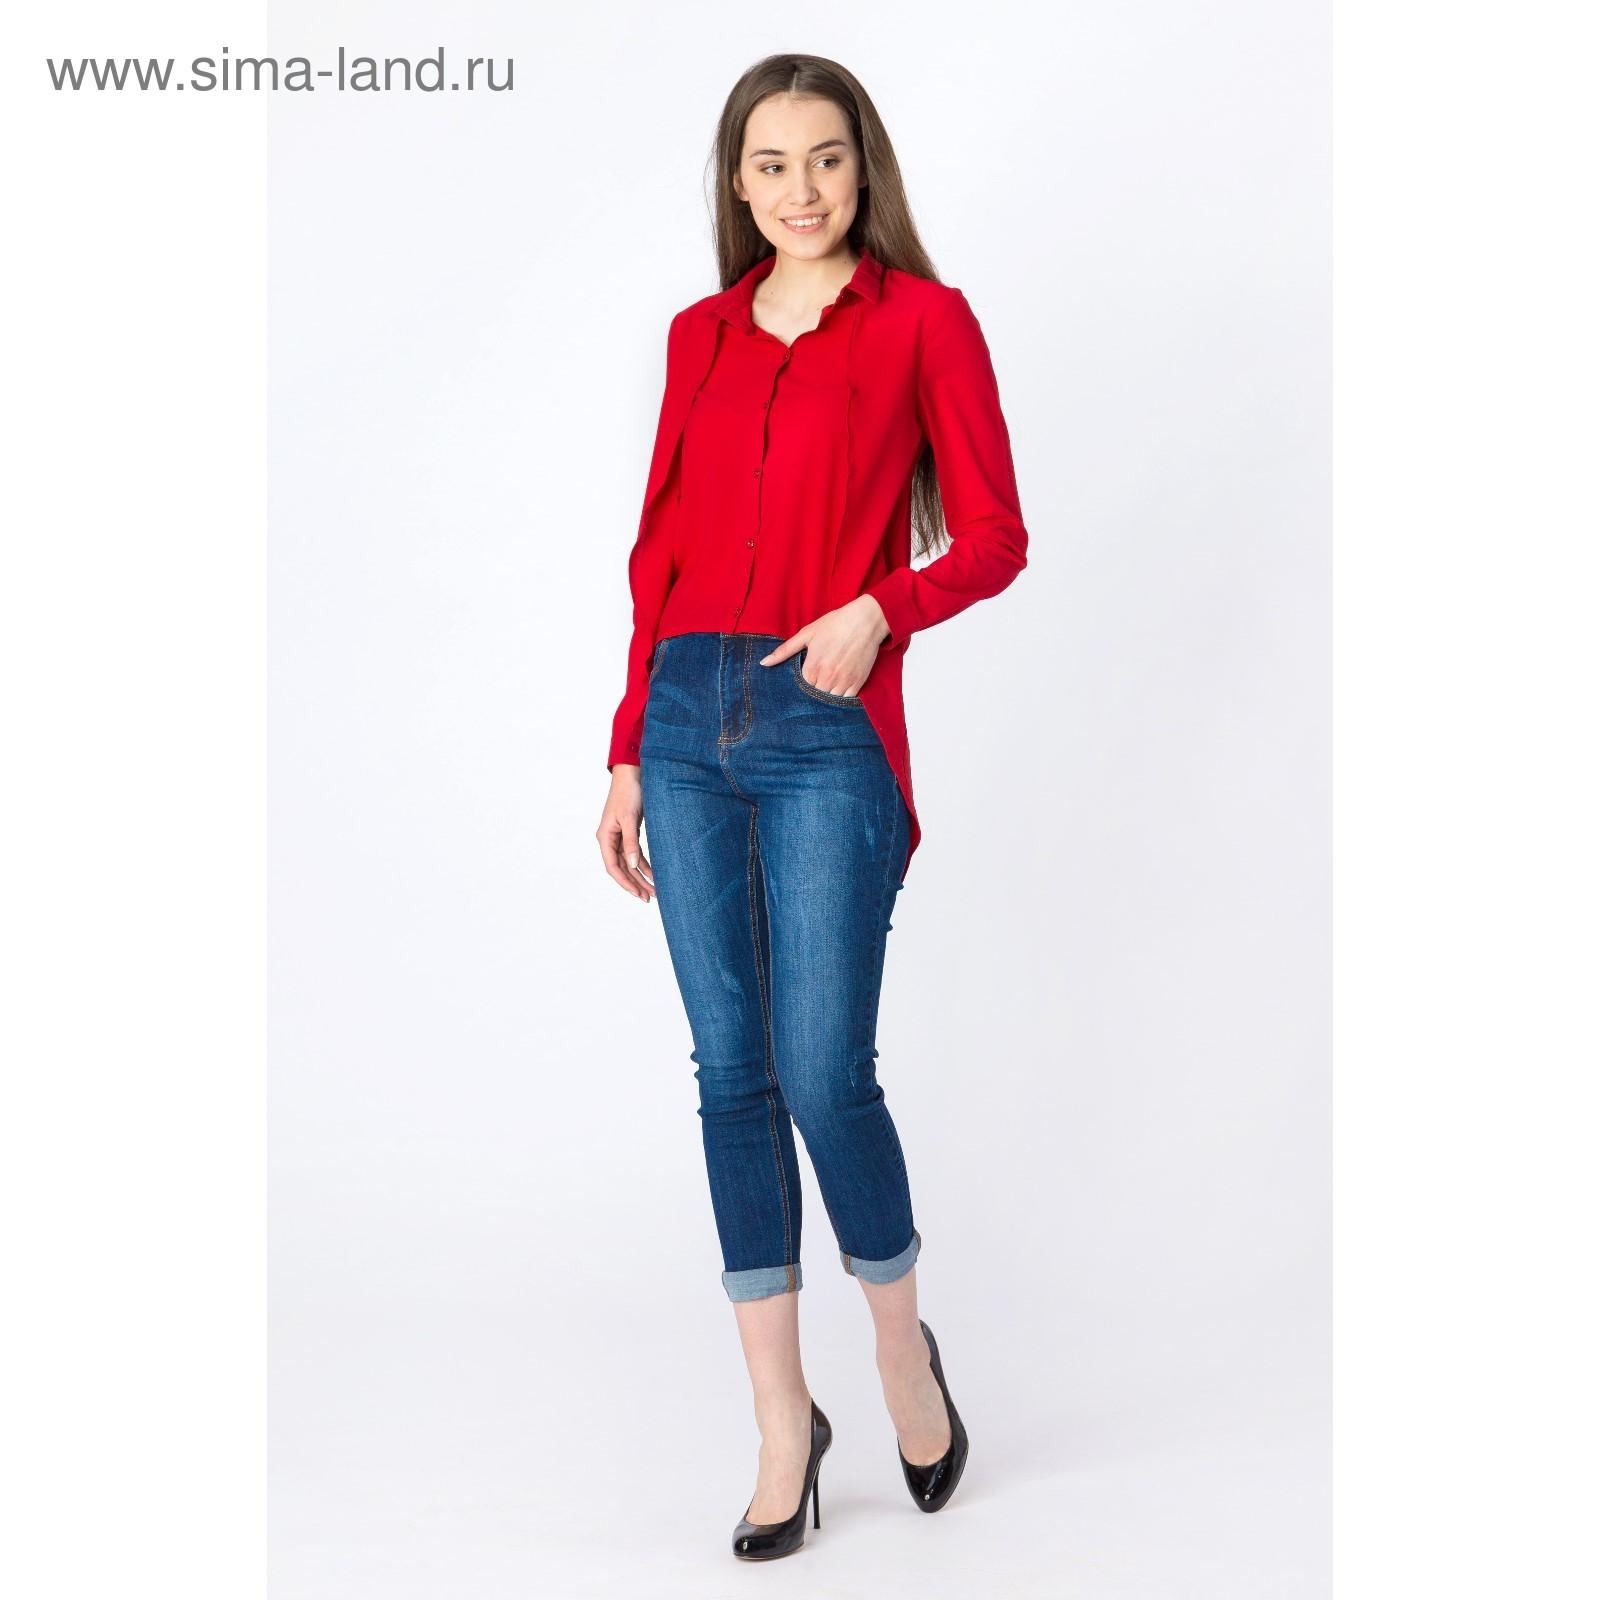 0edd1764d605a93 Рубашка женская удлинённая, цвет красный, размер 42 (1564525 ...